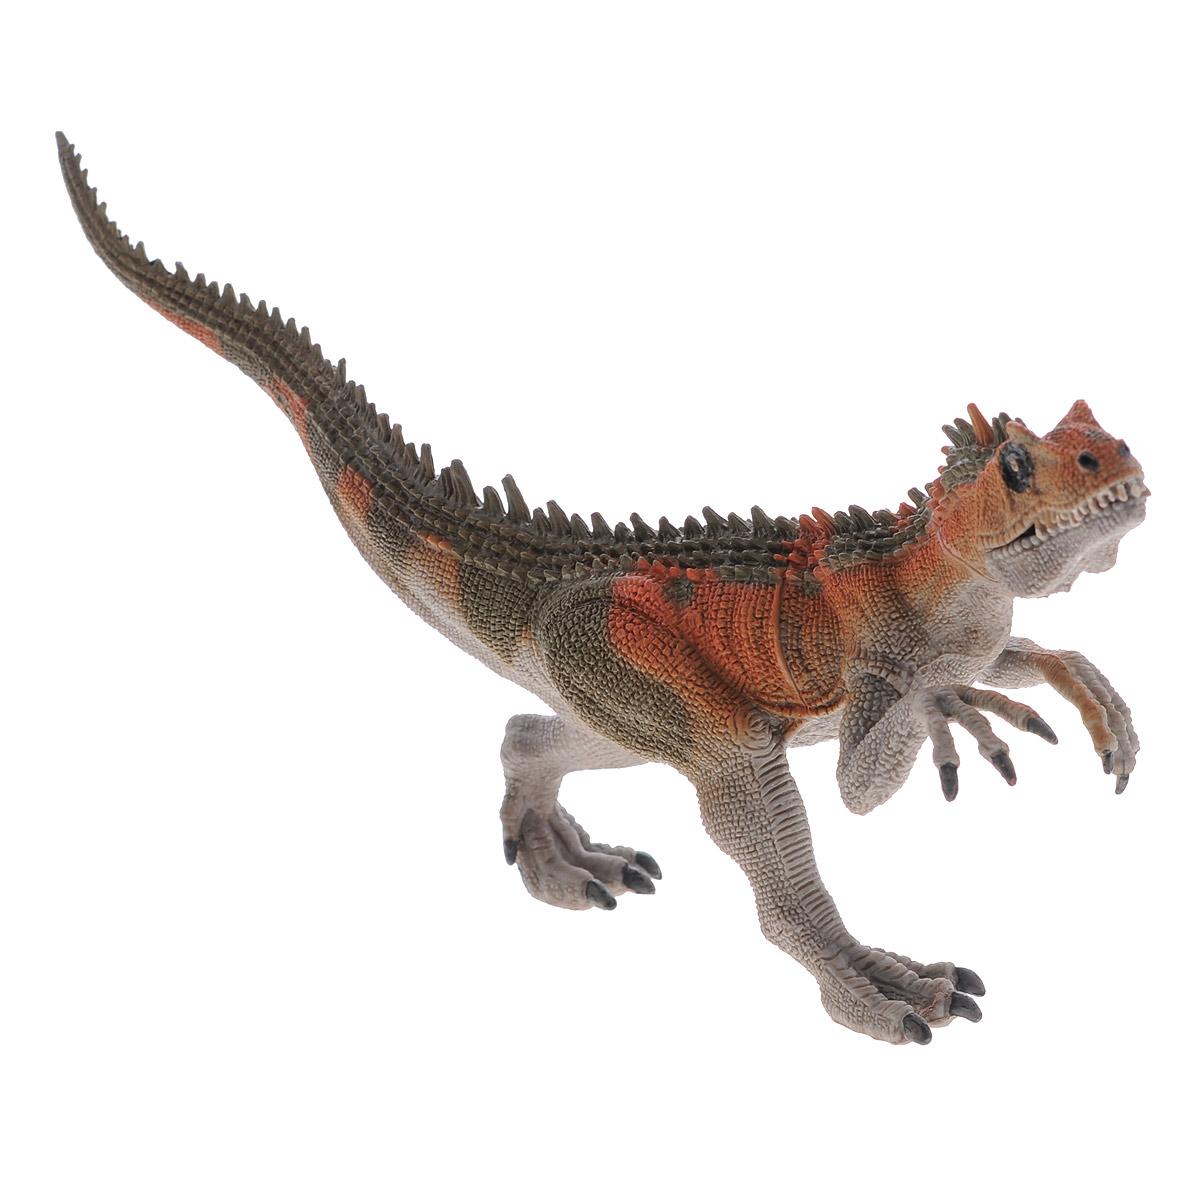 Фигурка Megasaurs Заурофагнакс с двигающейся пастью, цвет: серыйSV10513_серыйУдивительные фигурки динозавров из серии Megasaurs от компании HGL с высокой детализацией и тщательной проработкой элементов. Тема эпохи динозавров никогда не останется в прошлом! Каждый ребенок так или иначе интересовался этим доисторическим миром и мечтал о своем собственном динозавре. Серия игрушек Мегазавры окунет Вашего ребенка в загадочный, увлекательный, неизведанный доисторический мир! C этими игрушками можно разыграть разнообразные игровые сюжеты, связанные с этим периодом, в котором жили одни динозавры.